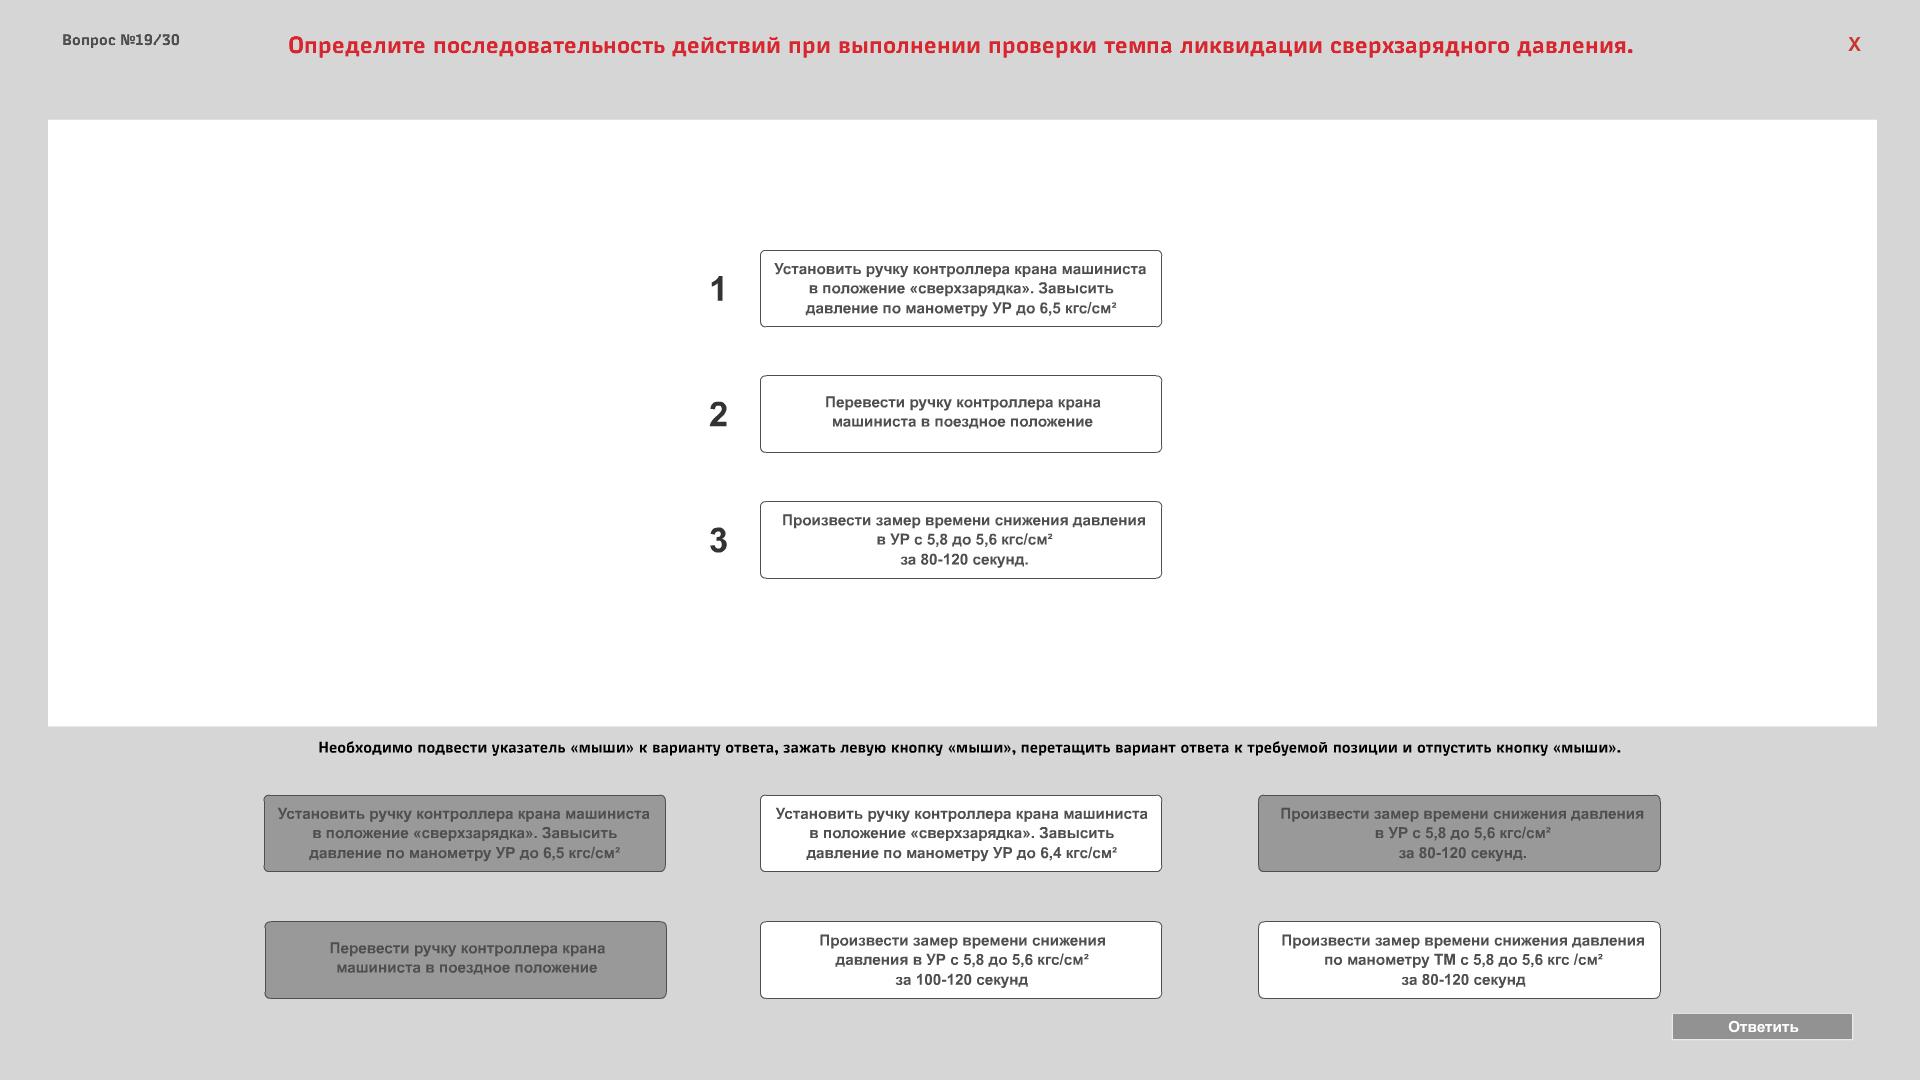 priemka test 02 Электронный учебный комплекс «Порядок сдачи и приёмки локомотивов локомотивными бригадами»